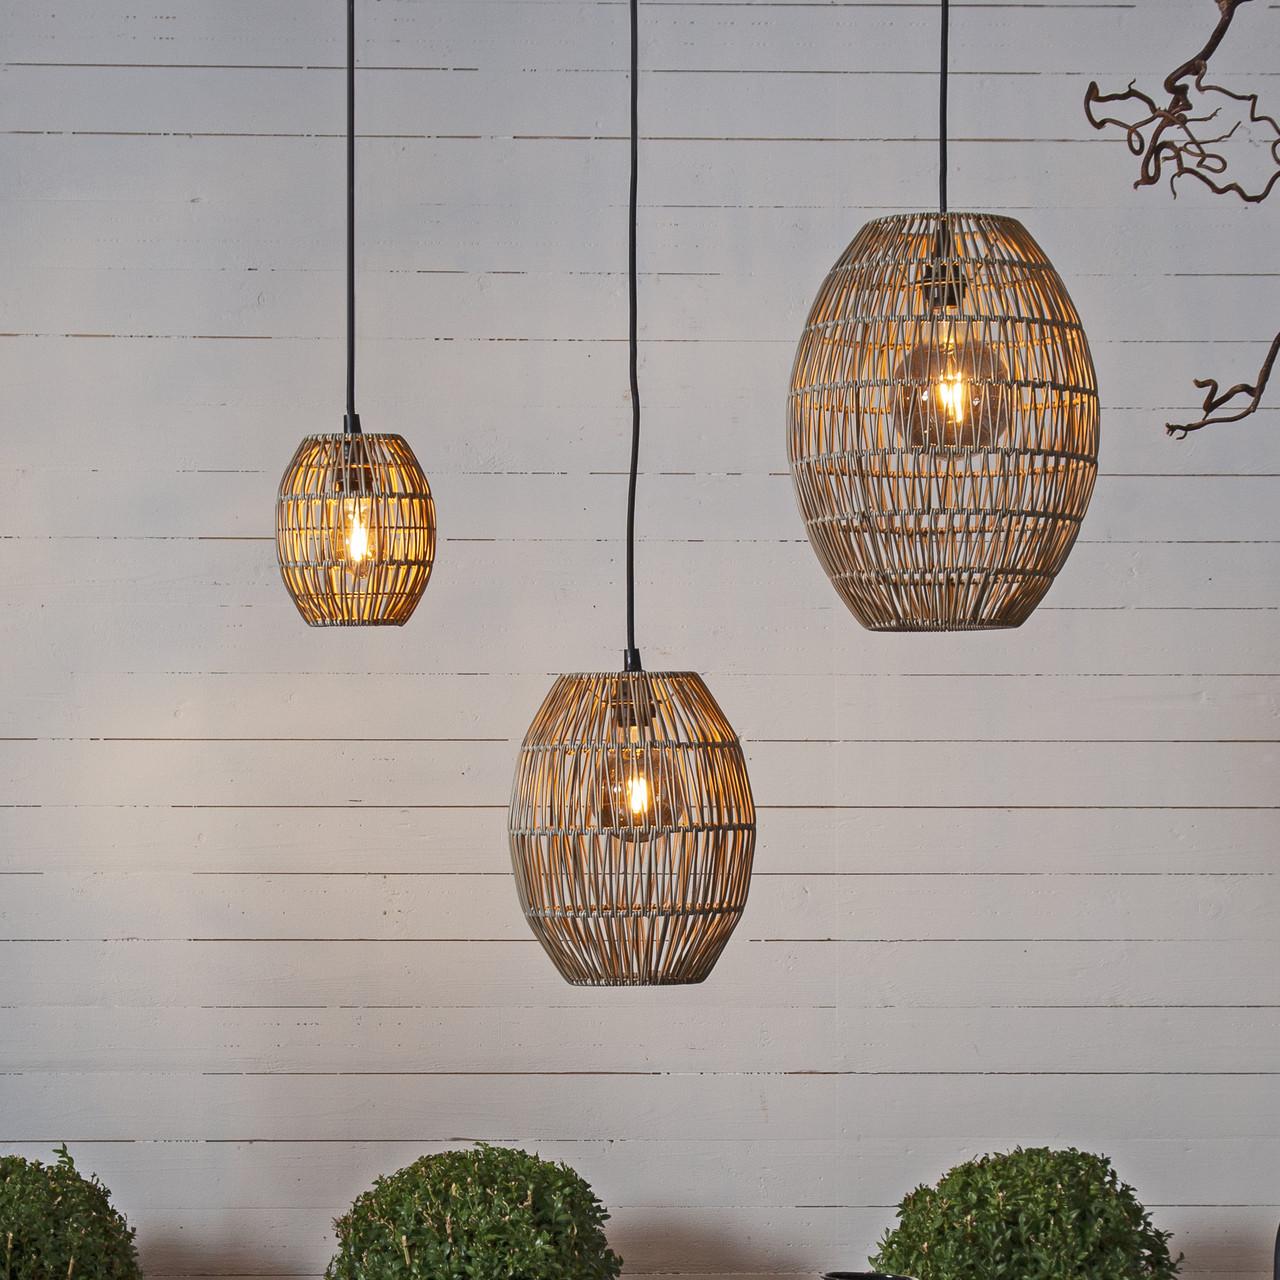 lampa-ogrodowa-wisząca,-rattanowa